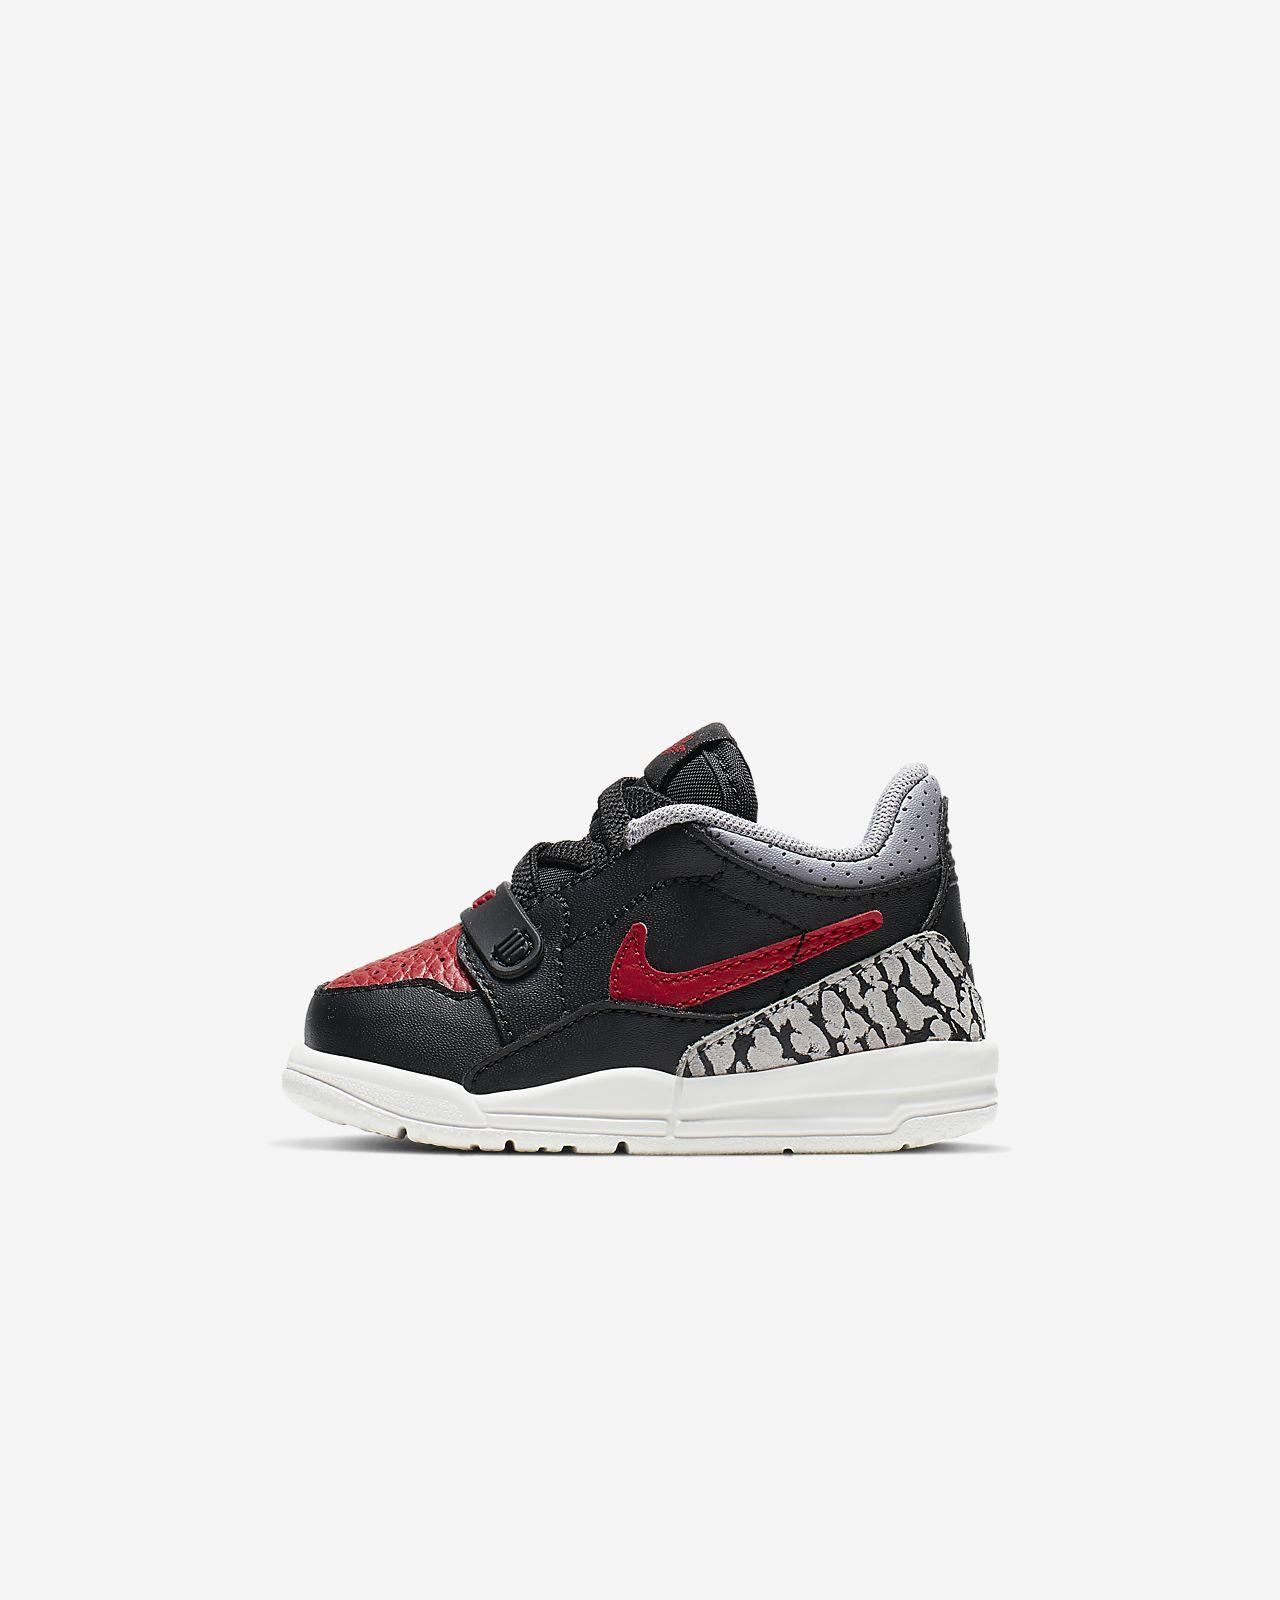 competitive price 7a6a9 6a4ab ... Chaussure Air Jordan Legacy 312 Low pour Bébé et Petit enfant